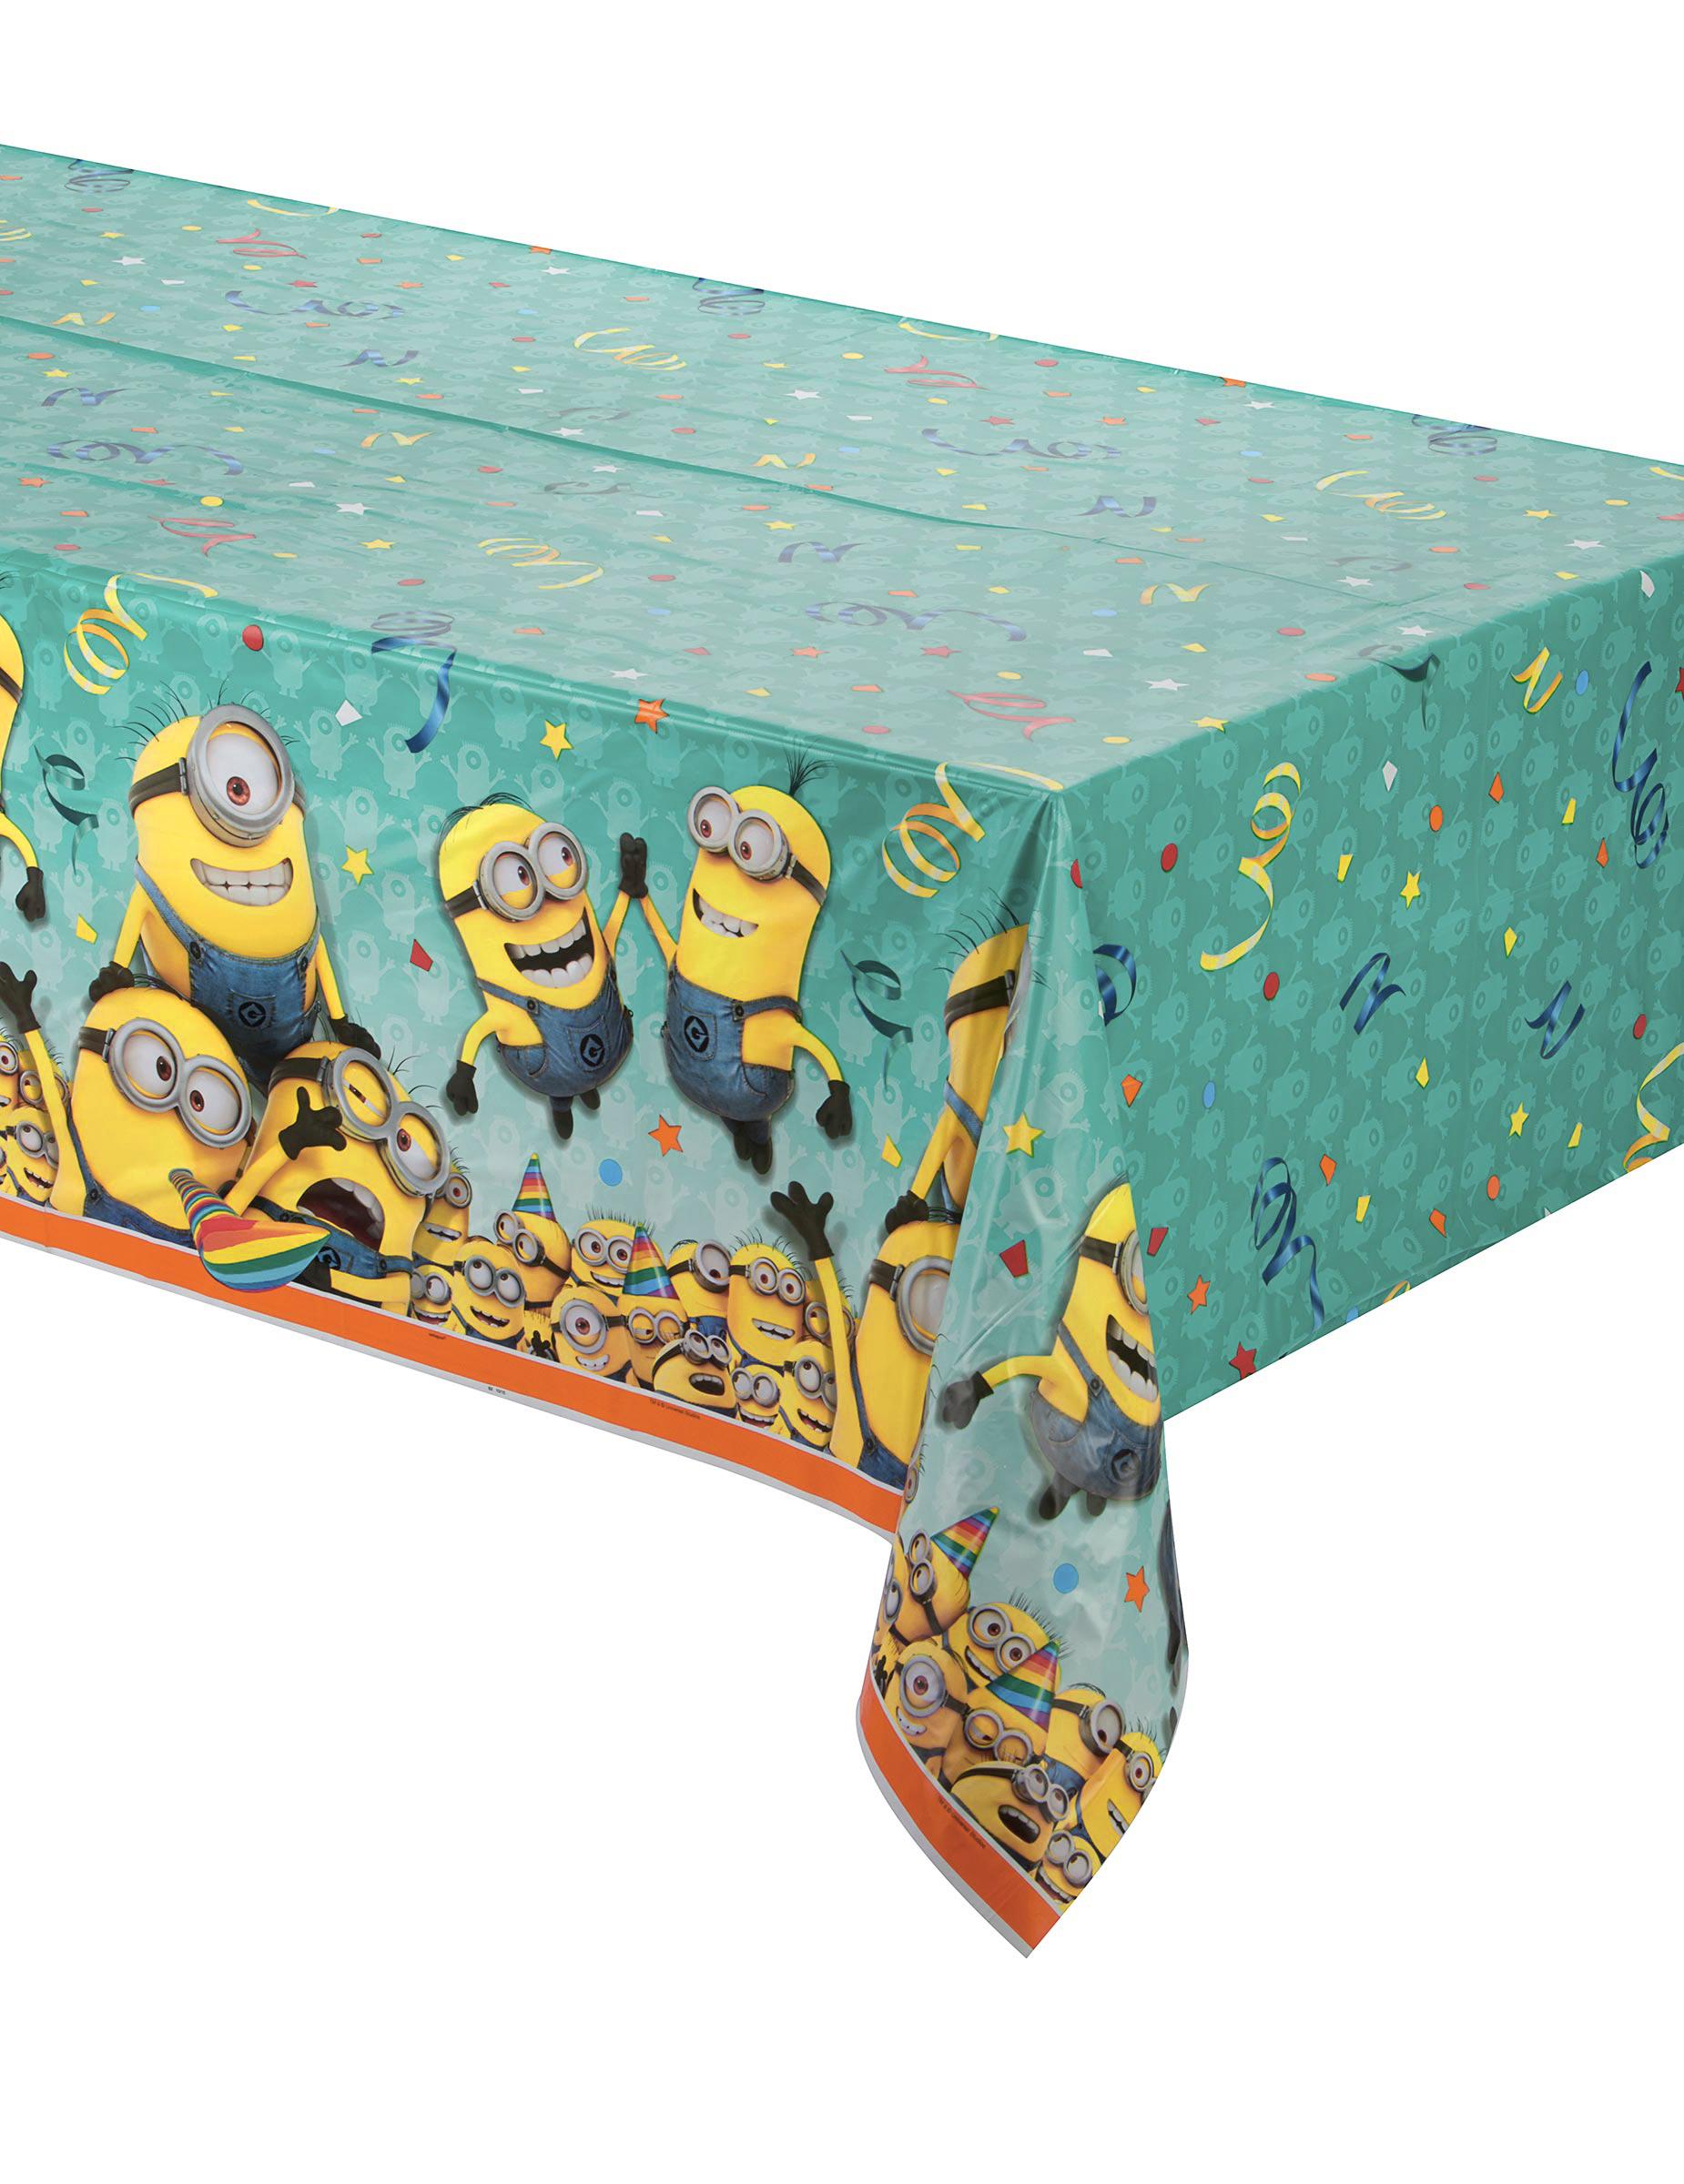 lizenzartikel minions tischdecke bunt 137 x 213cm. Black Bedroom Furniture Sets. Home Design Ideas